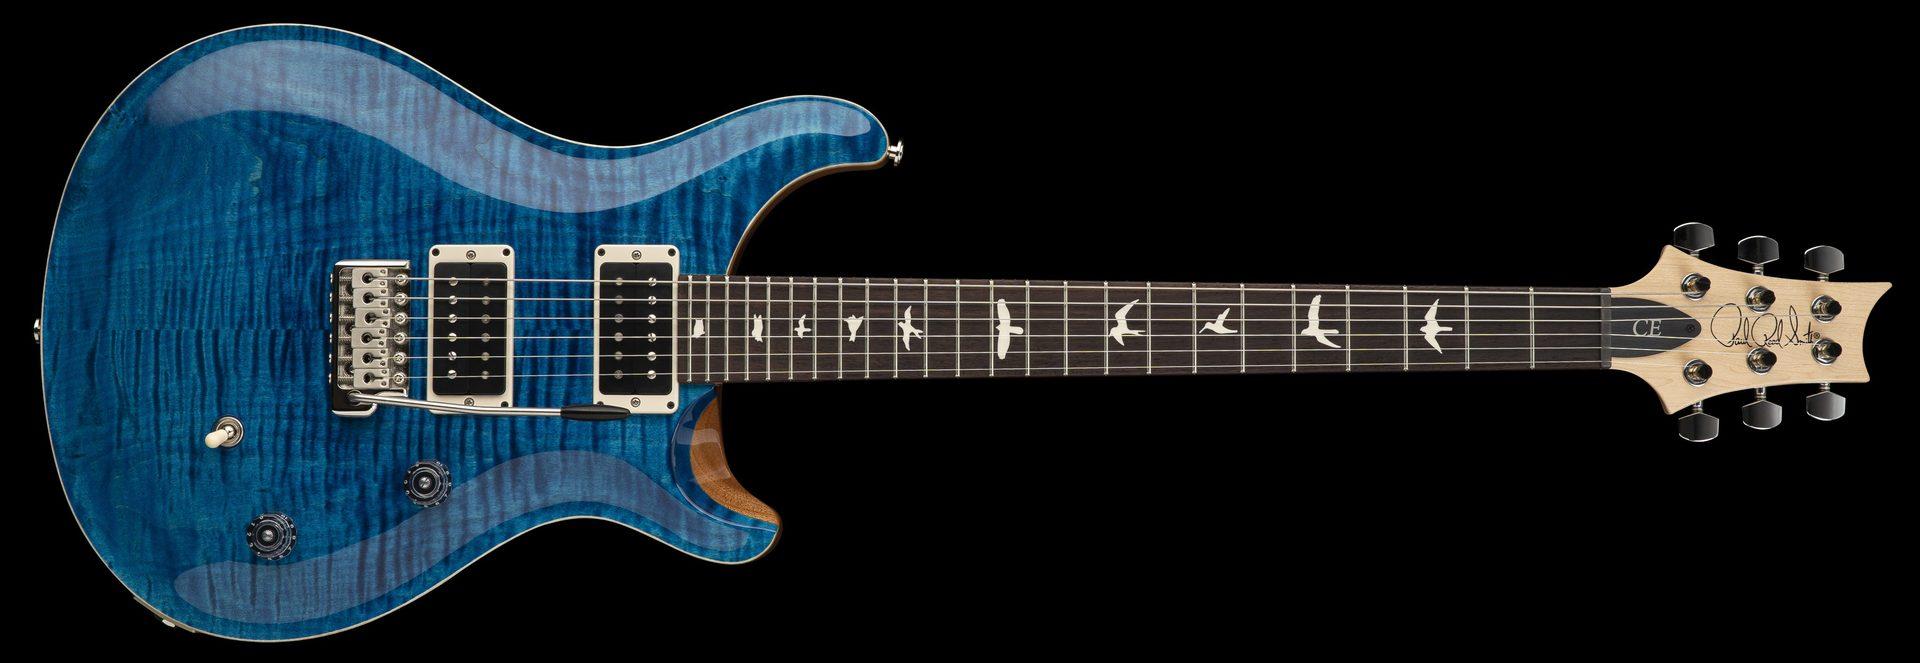 Blue Matteo